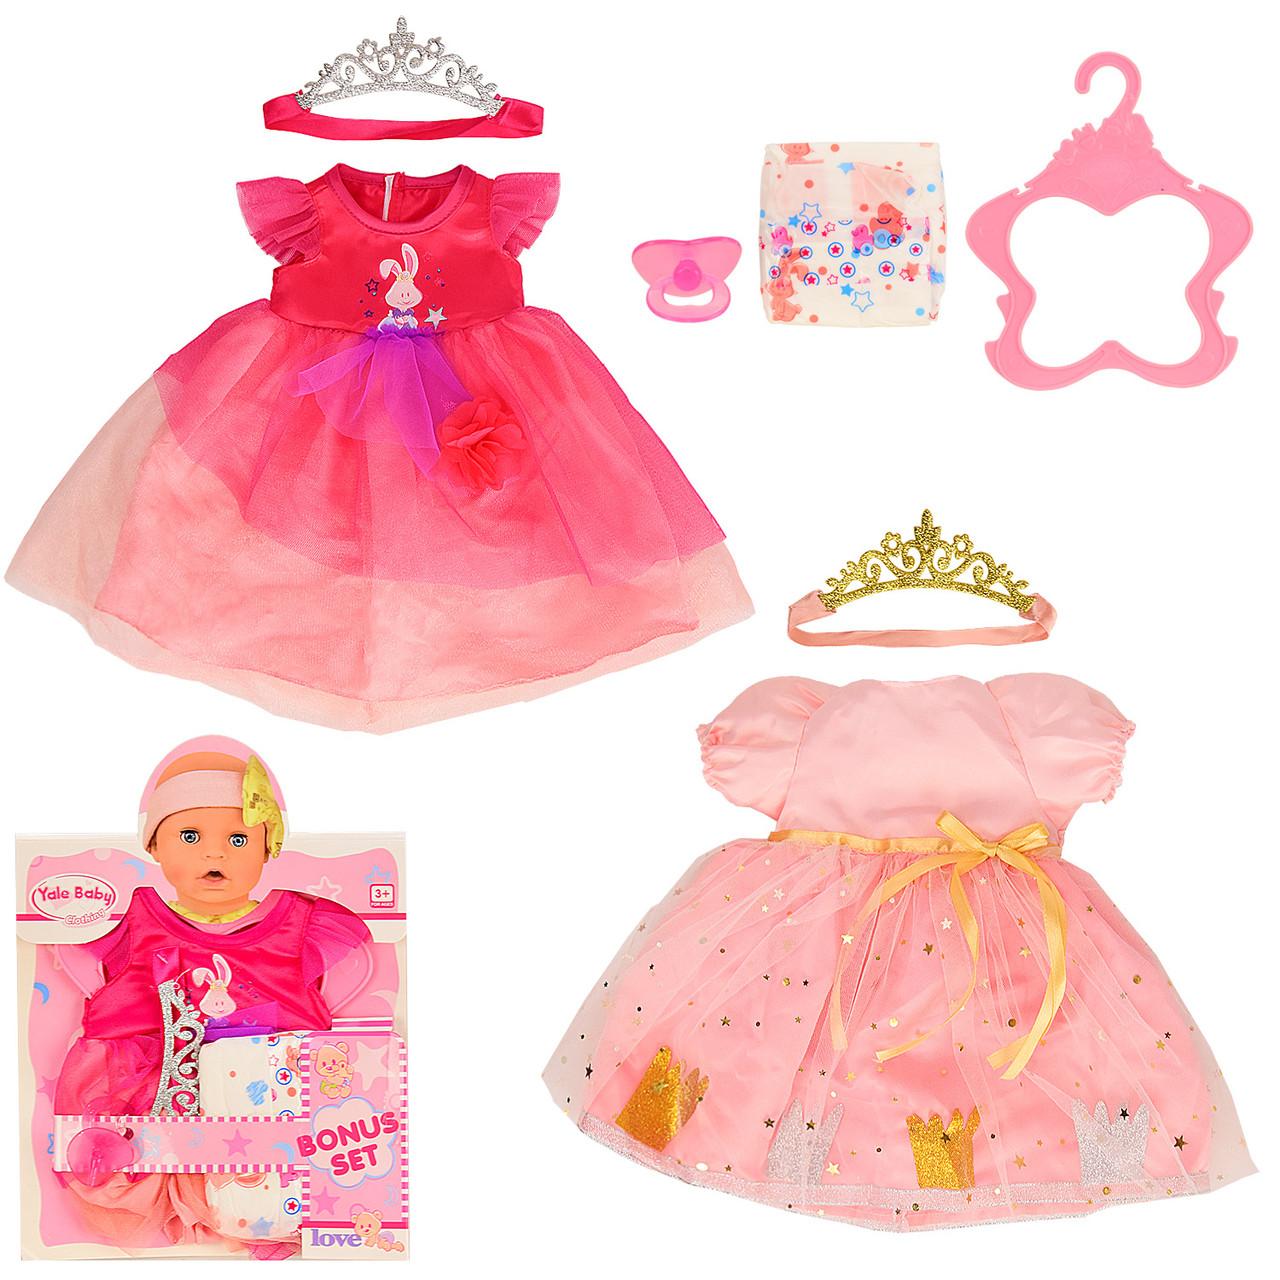 Одежла для кукол с платьем, короной, 2 вида, BLC208I/L